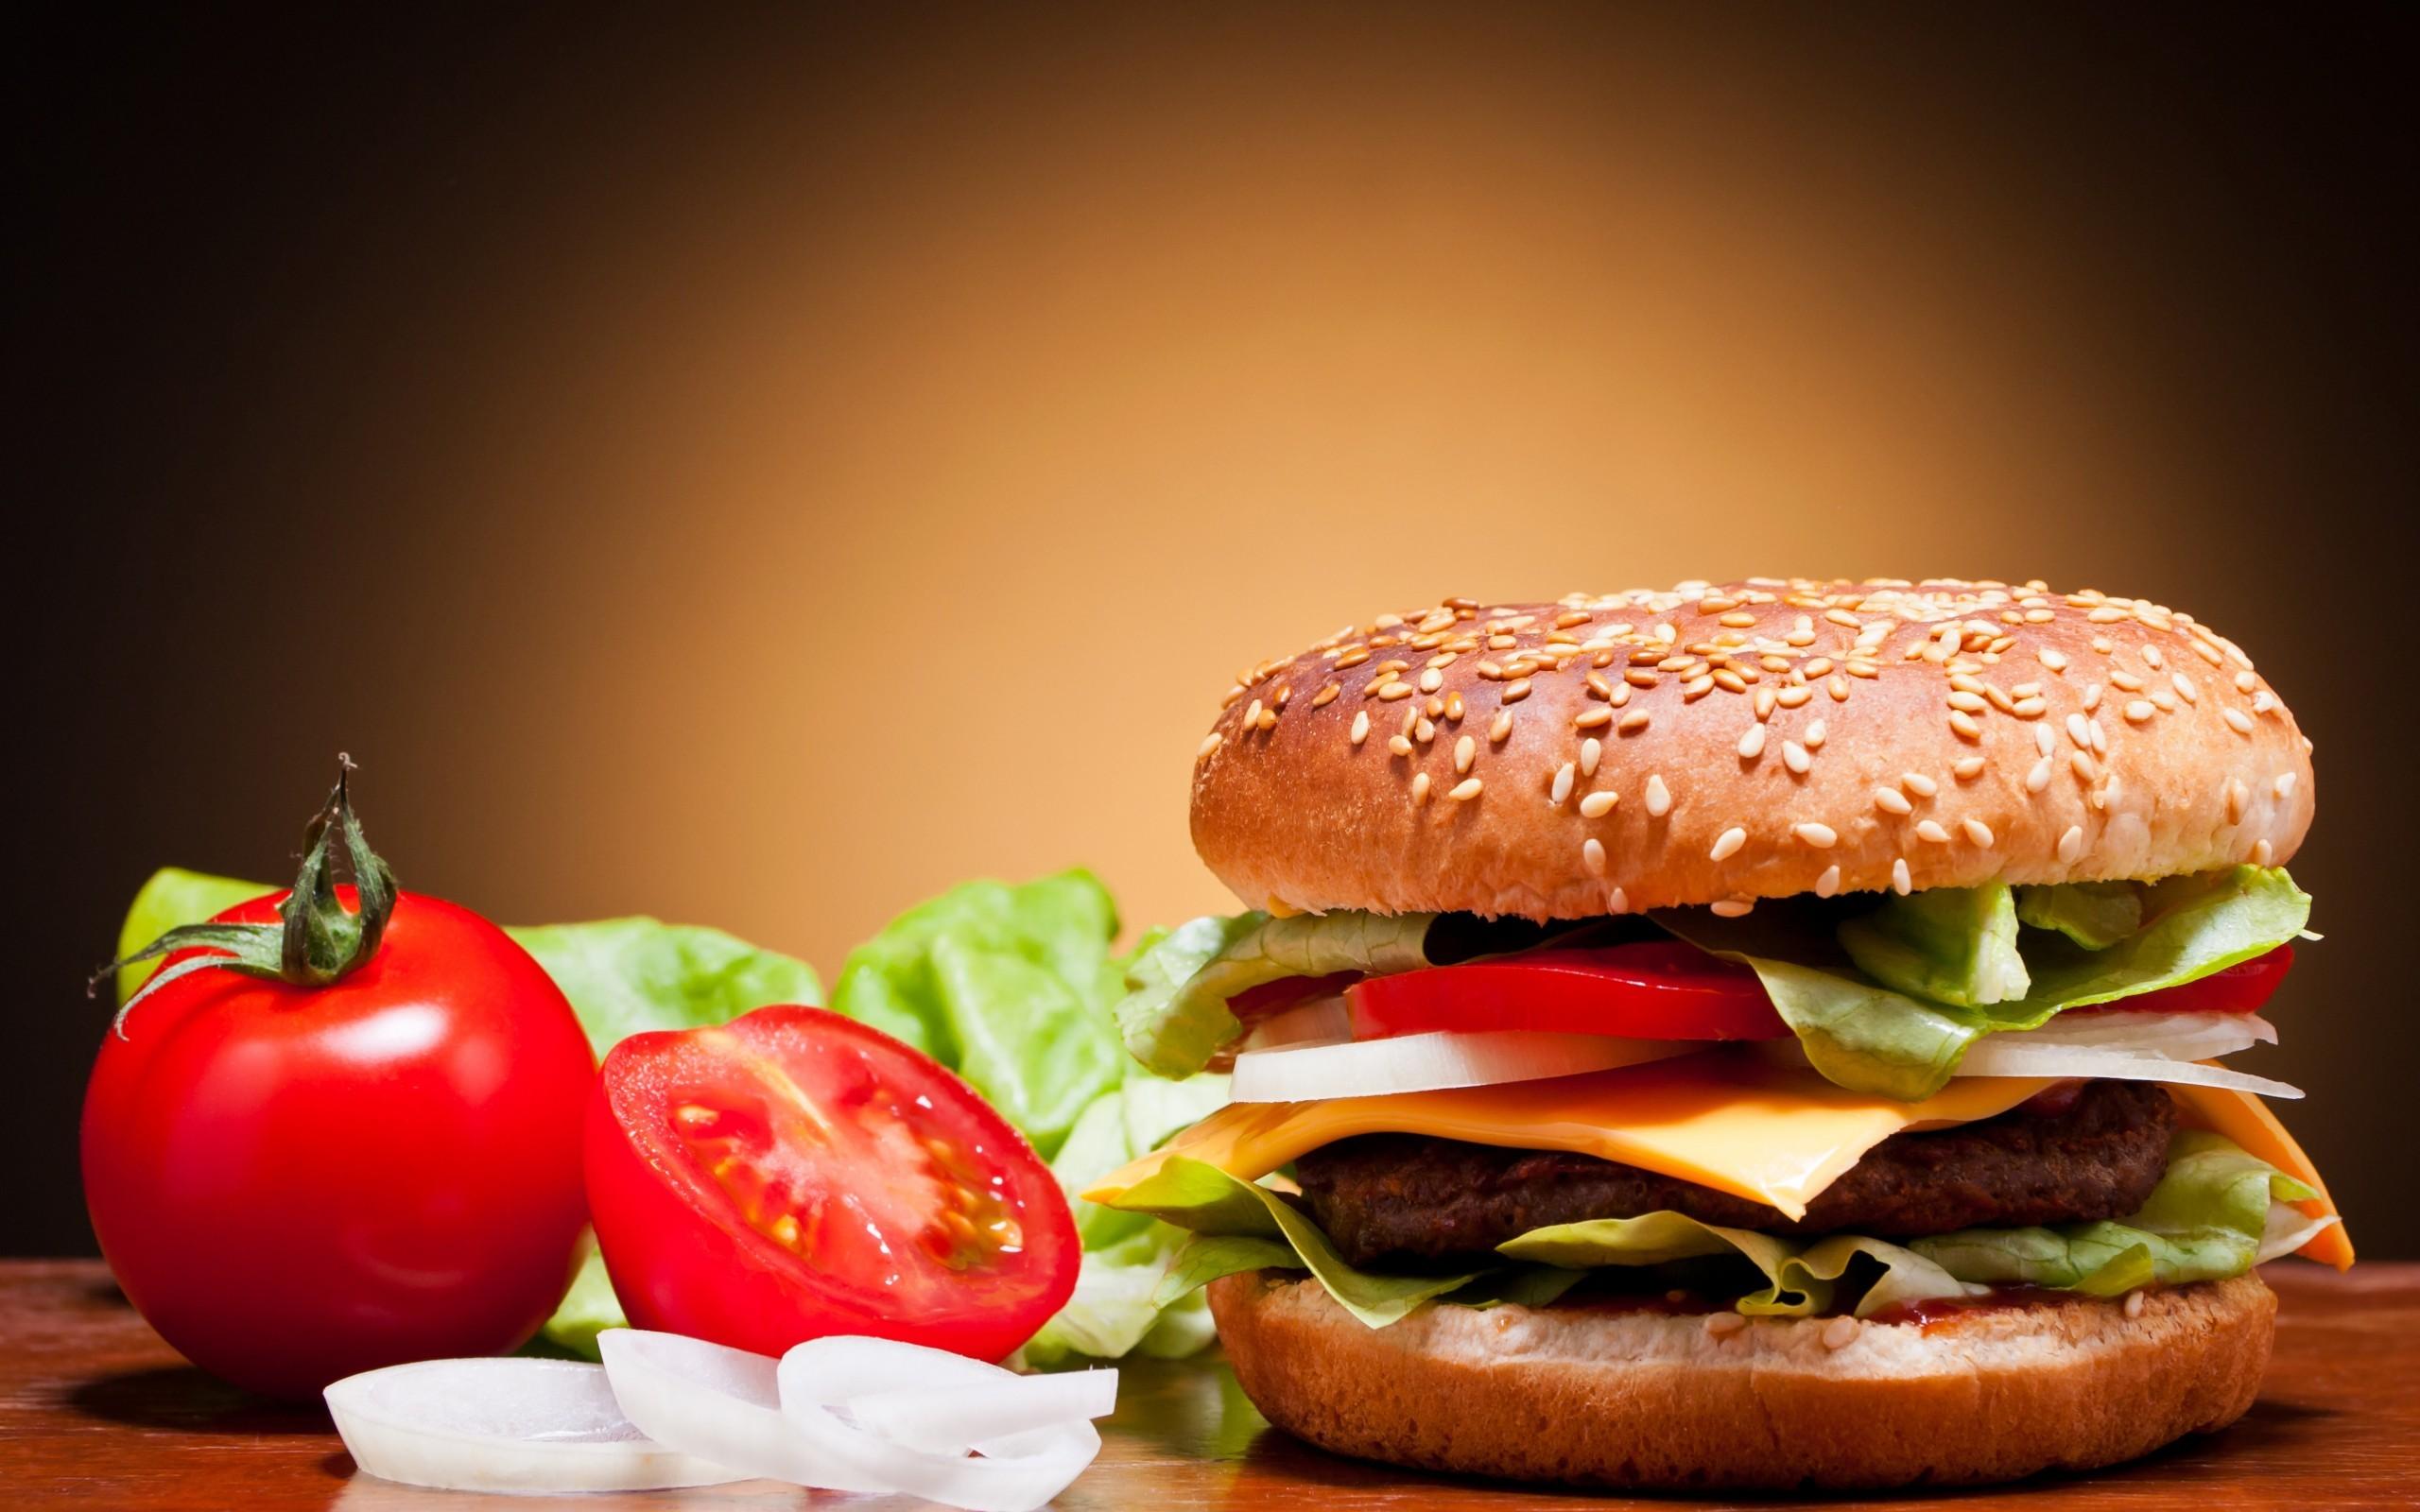 Cheeseburger HD pics